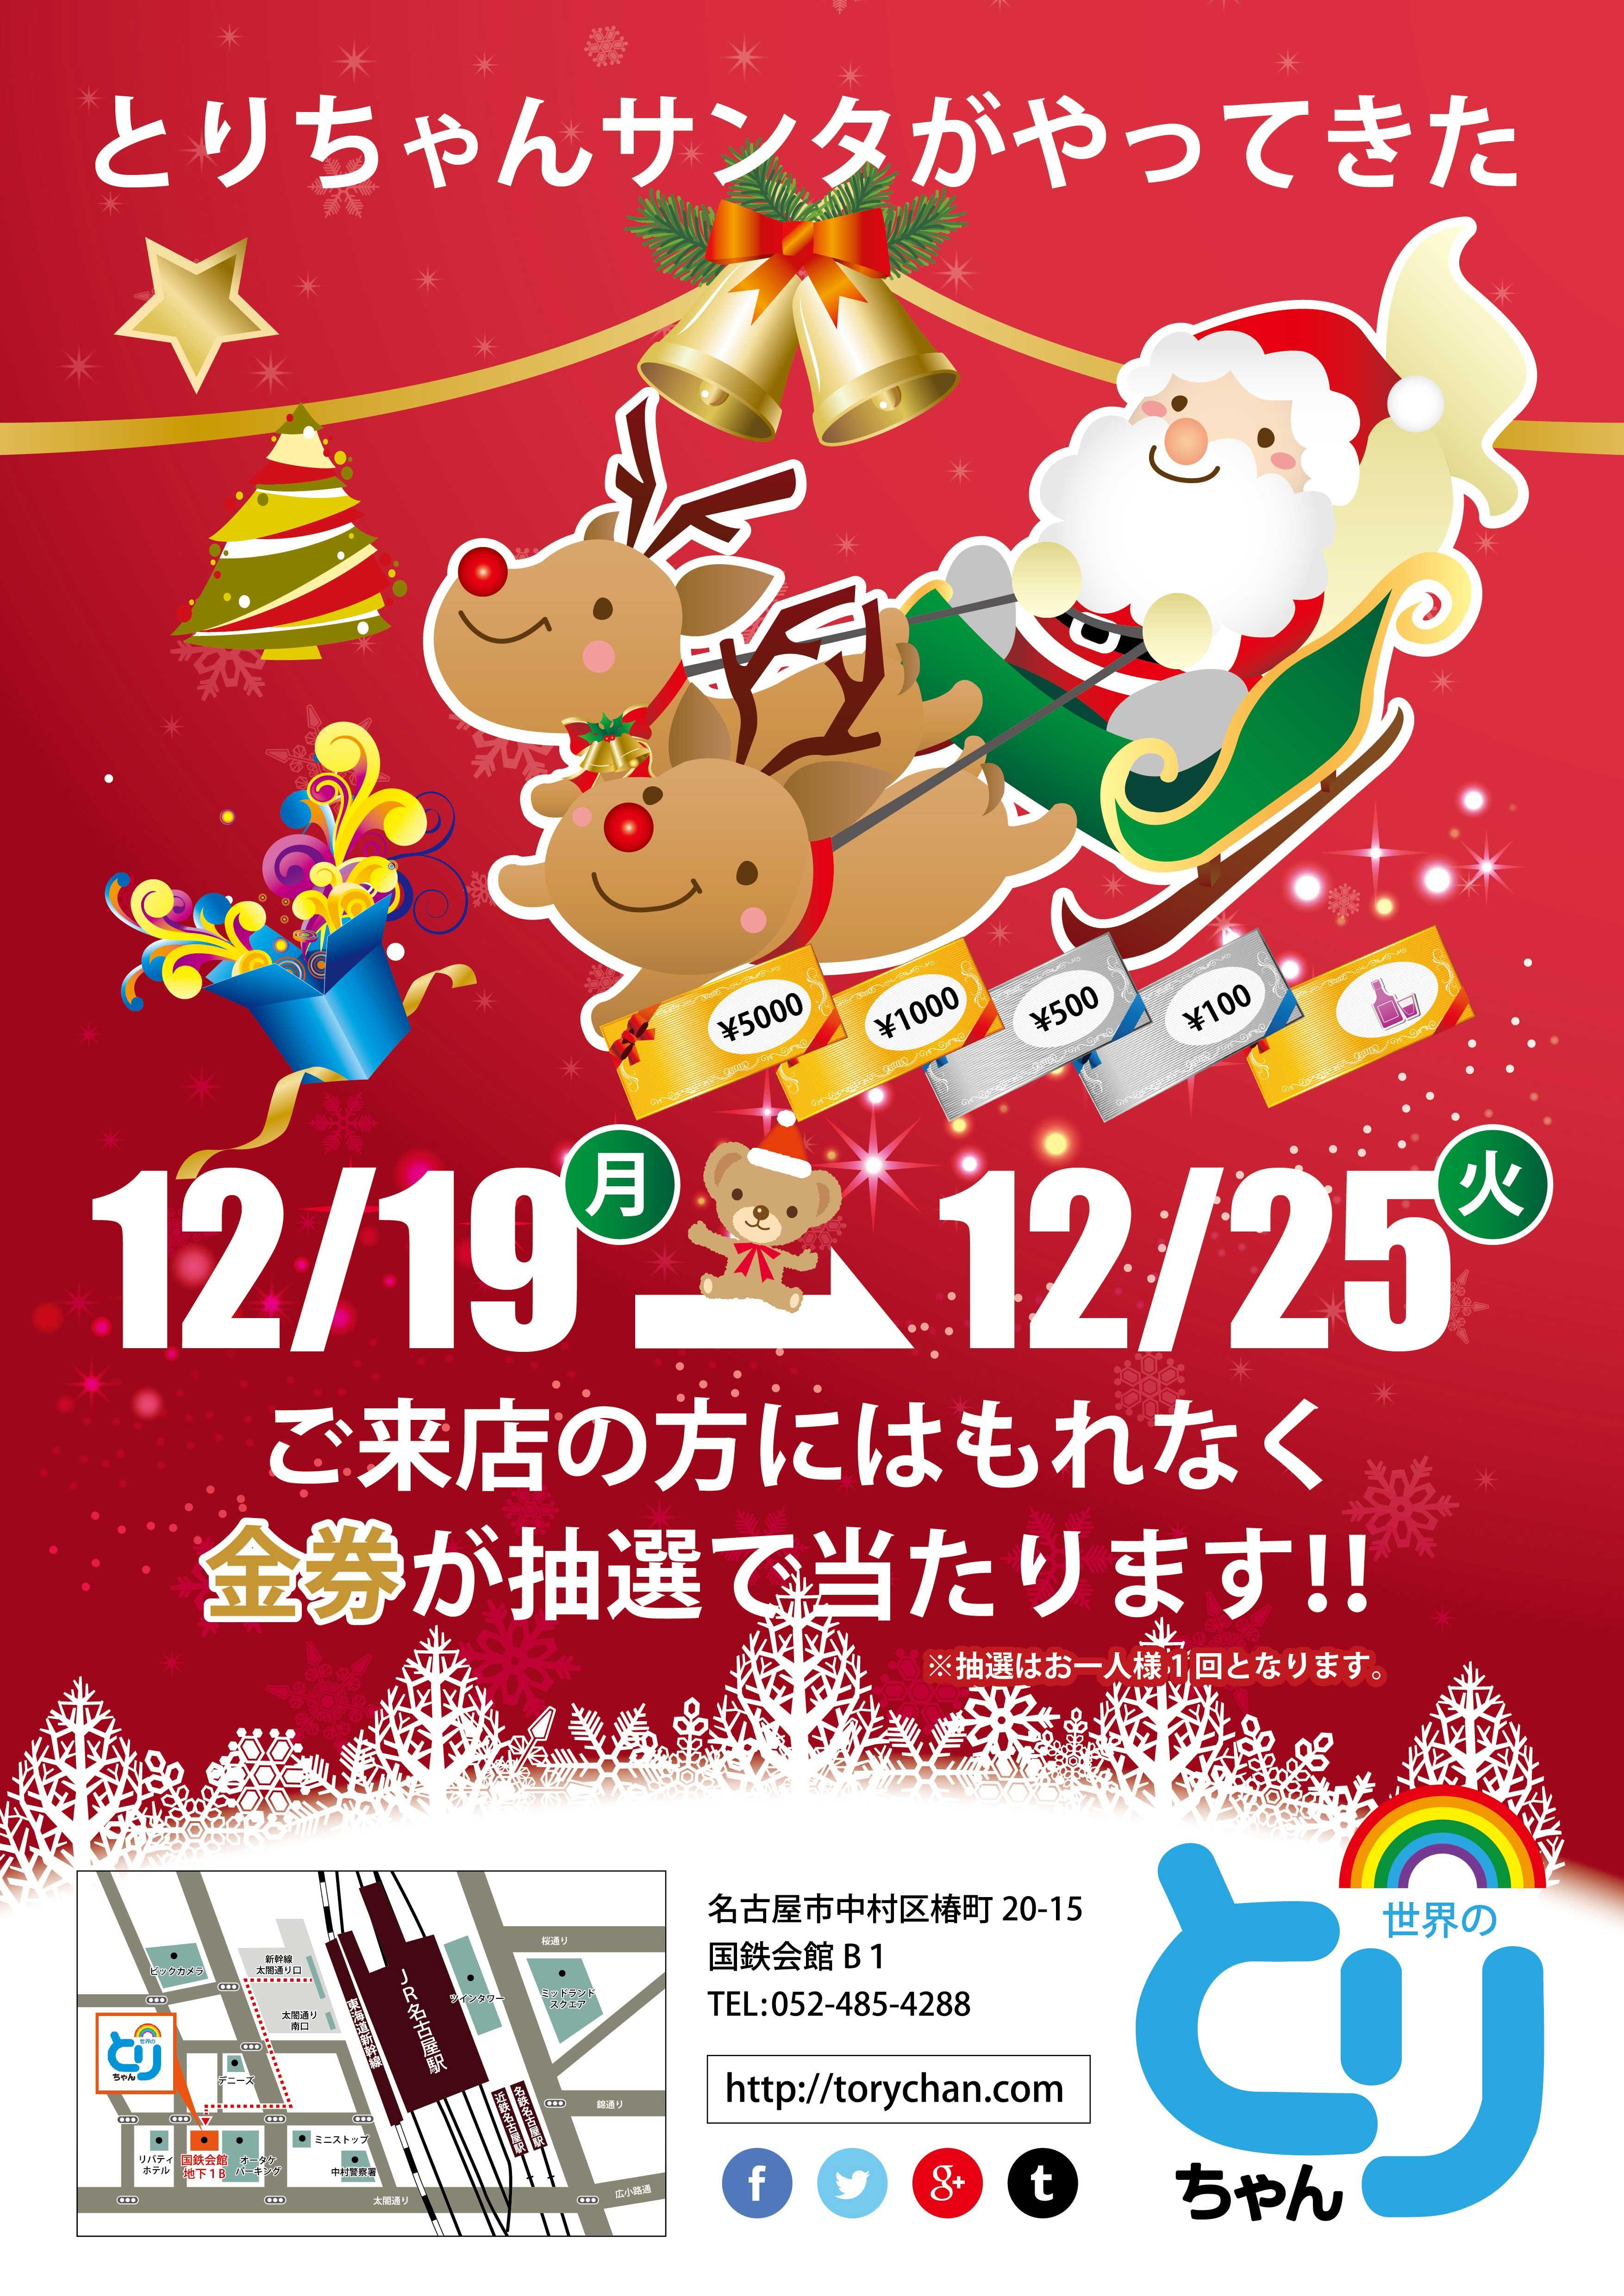 12月19日(月曜日)→12月25日(火曜日)まで【金券!ご来店の方抽選でもれなくあげちゃう】キャンペーンを開催いたします!!